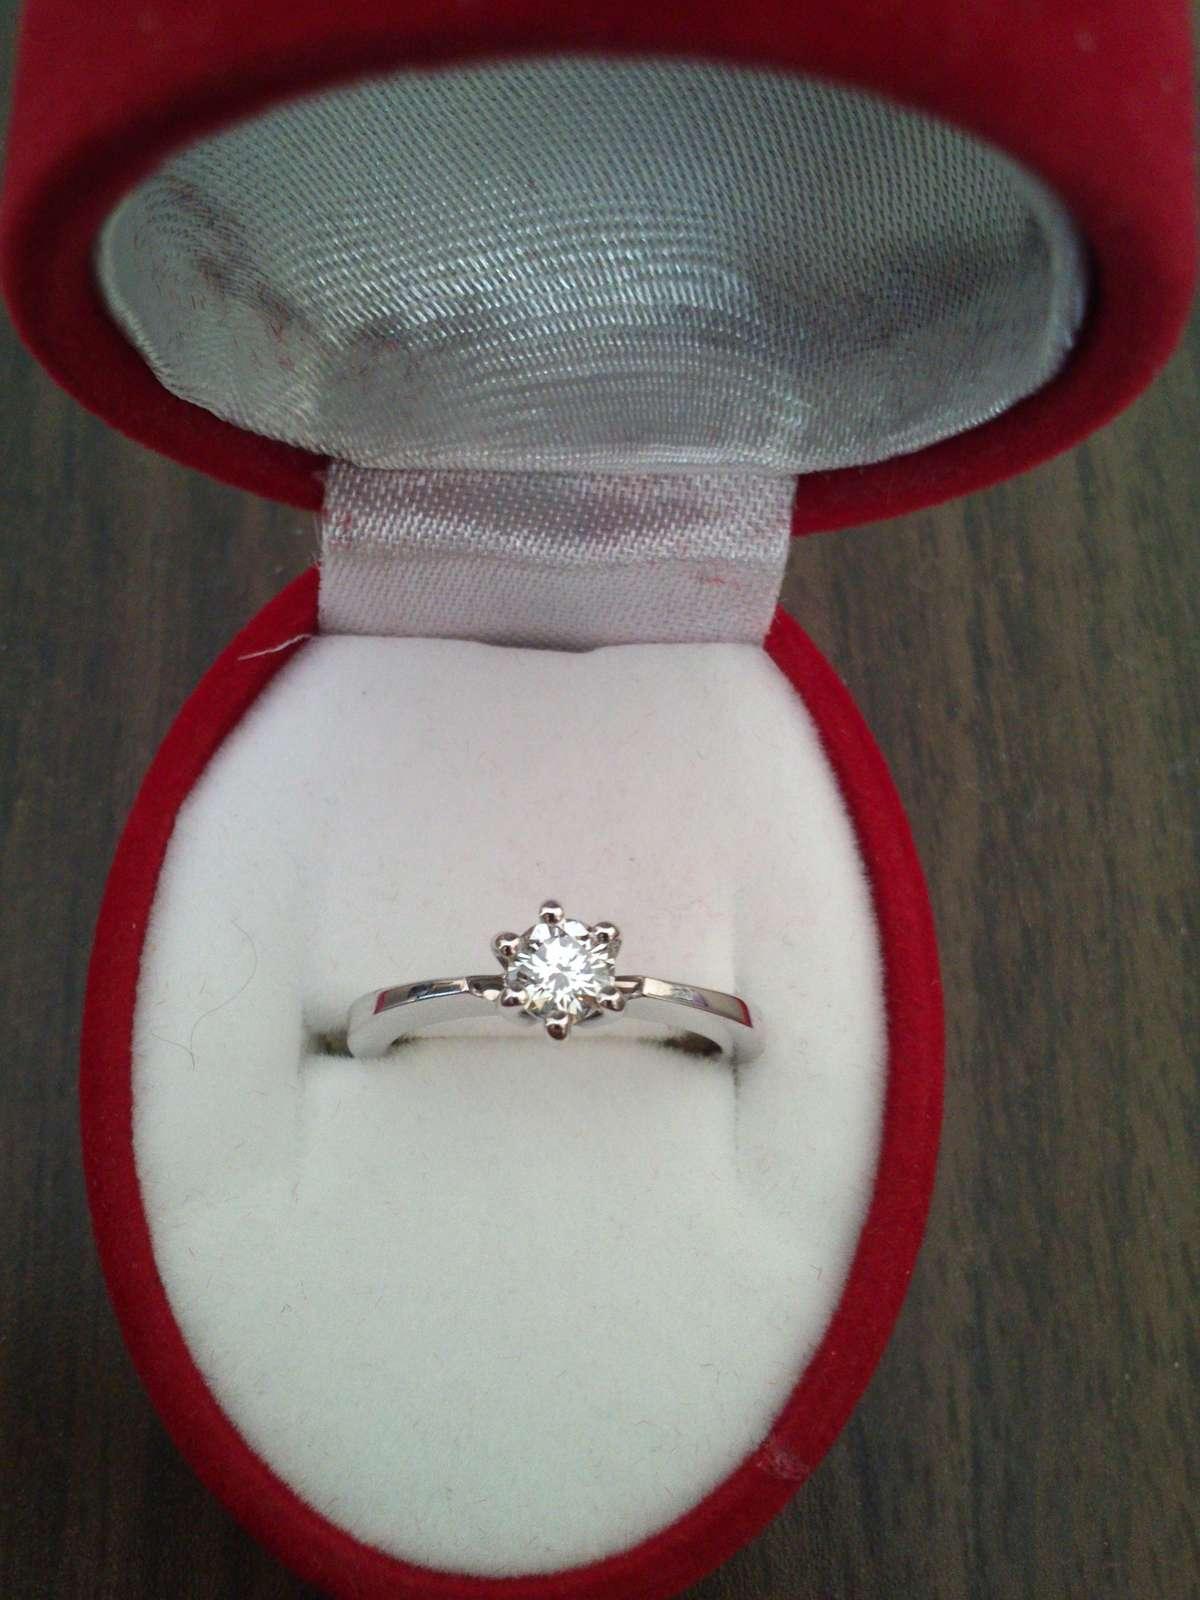 Zasnubni Prsten S Kvalitnim Diamantem Bile Zlato 17 480 Kc